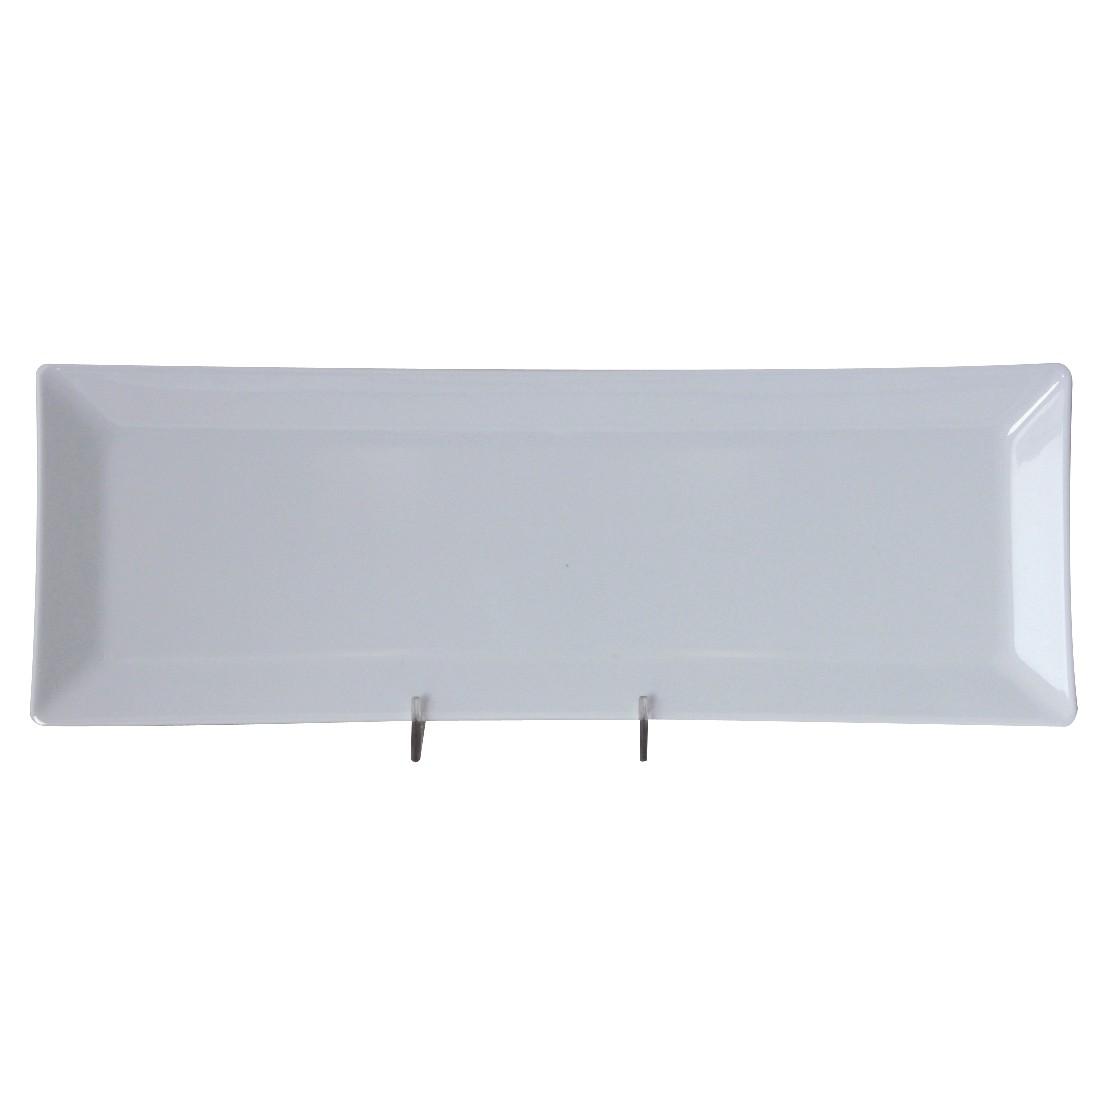 """Thunder Group 29115WT Classic White Melamine Rectangular Plate 15"""" x 5-1/4"""""""